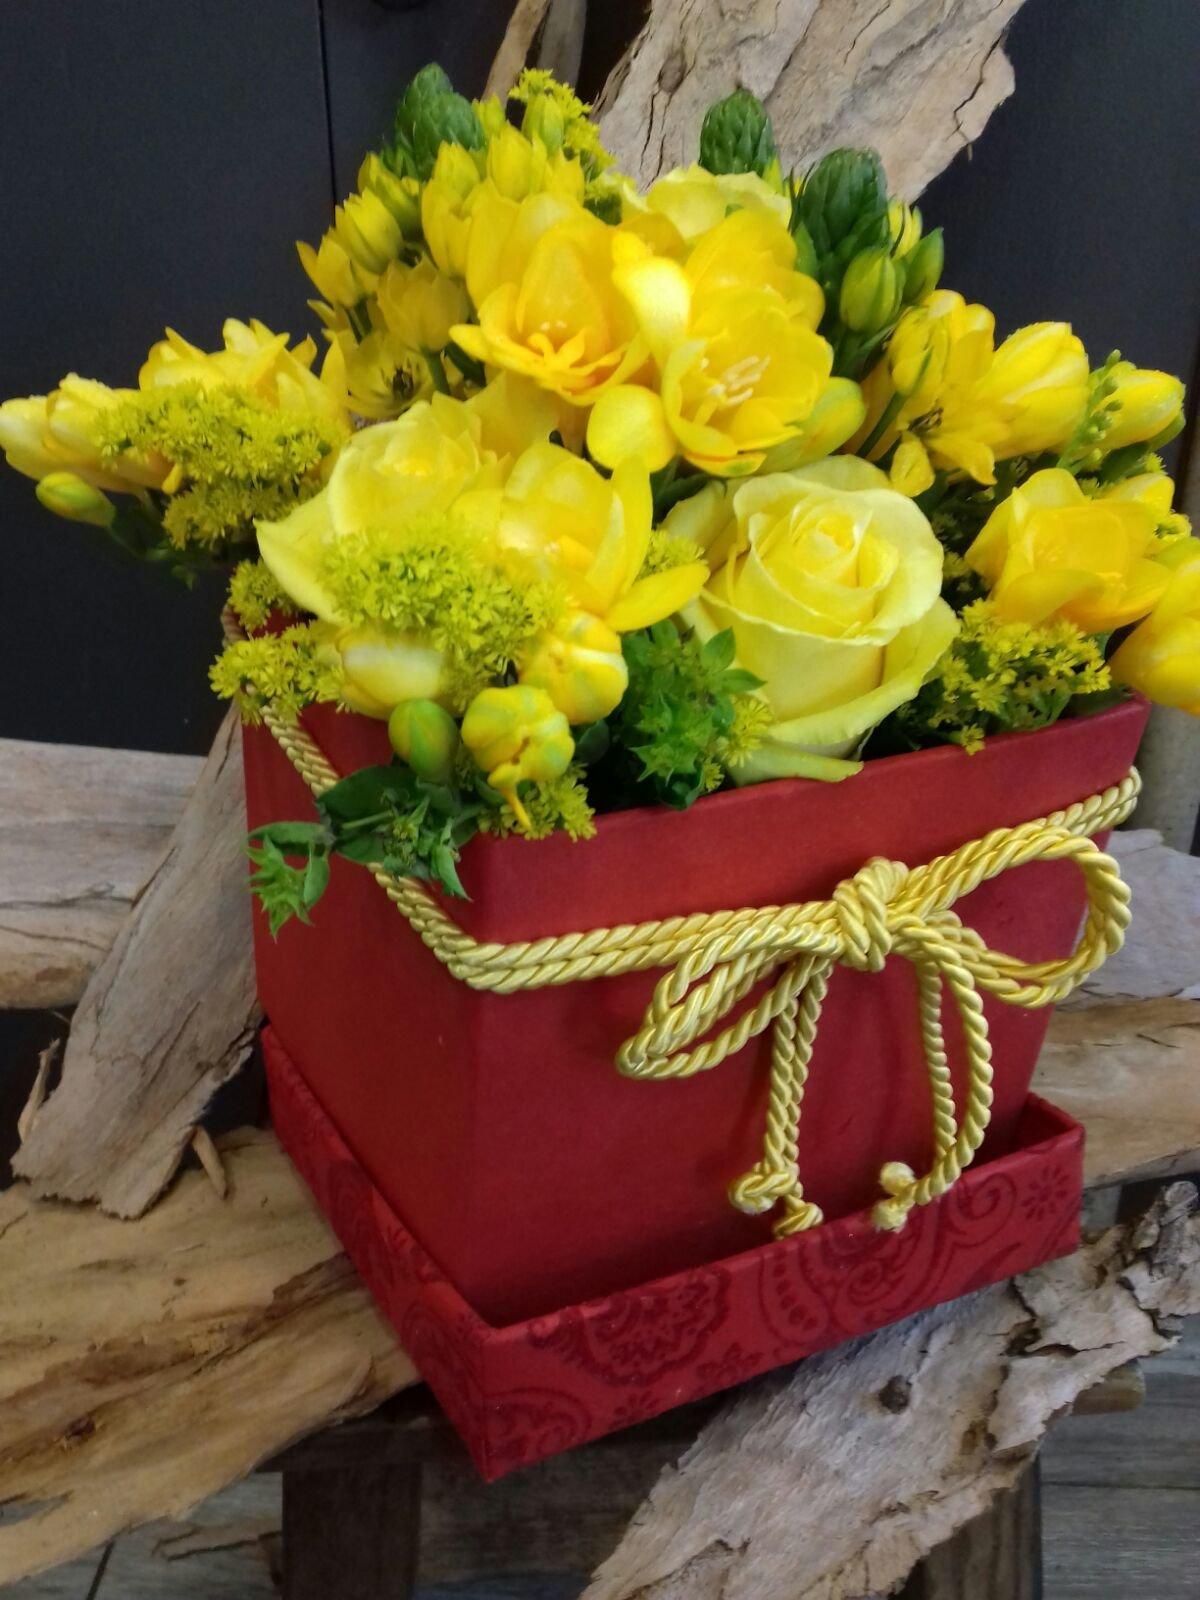 Caixa de Rosas Amarelas 00146